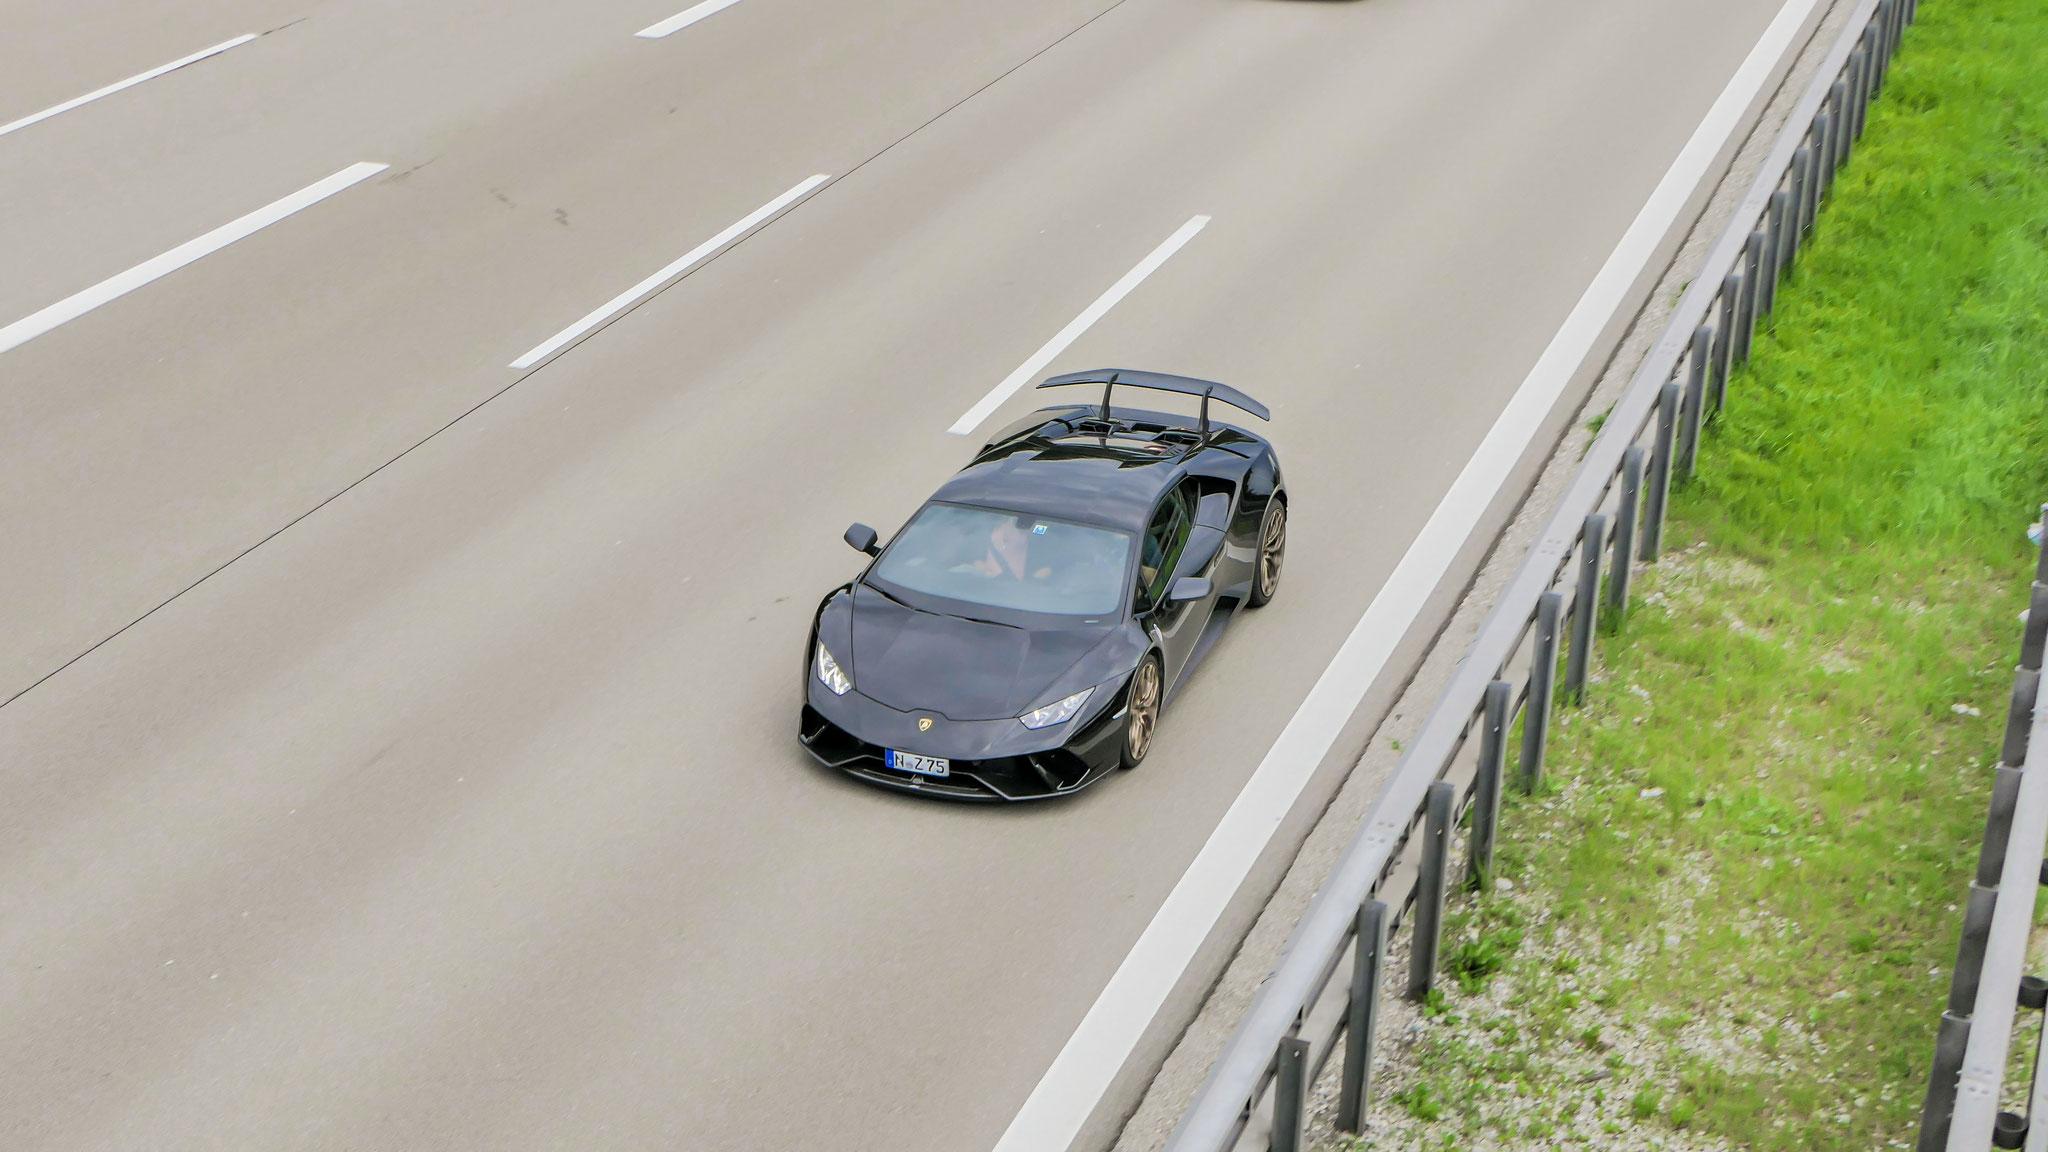 Lamborghini Huracan Performante - N-Z-75